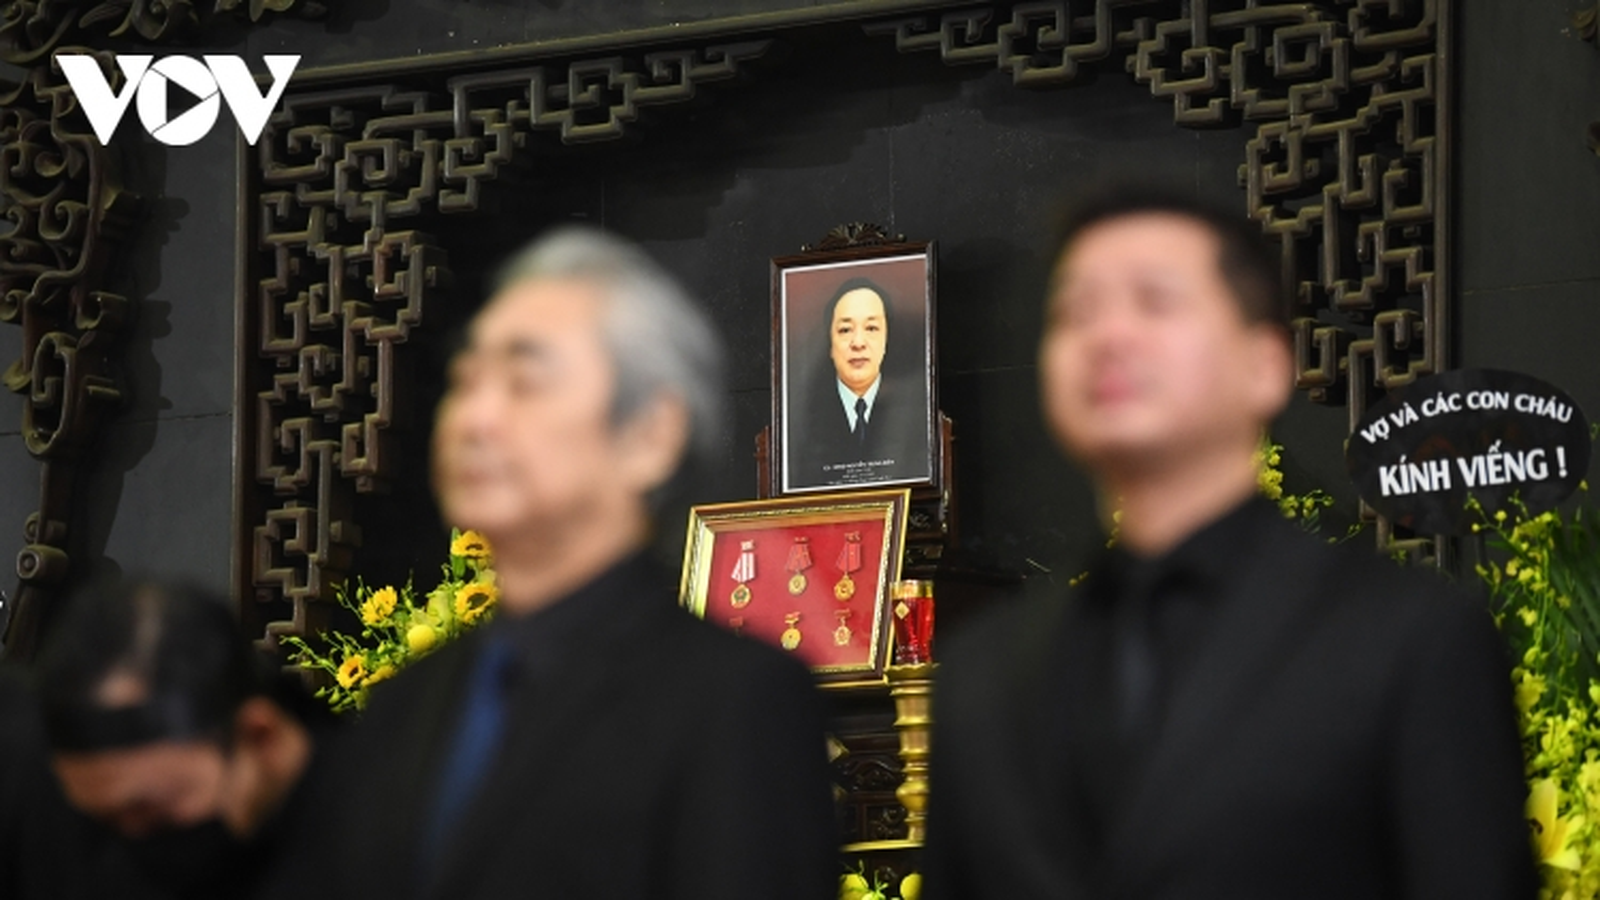 Chùm ảnh: Xúc động thời khắc tiễn biệt NSND Trung Kiên về nơi an nghỉ cuối cùng